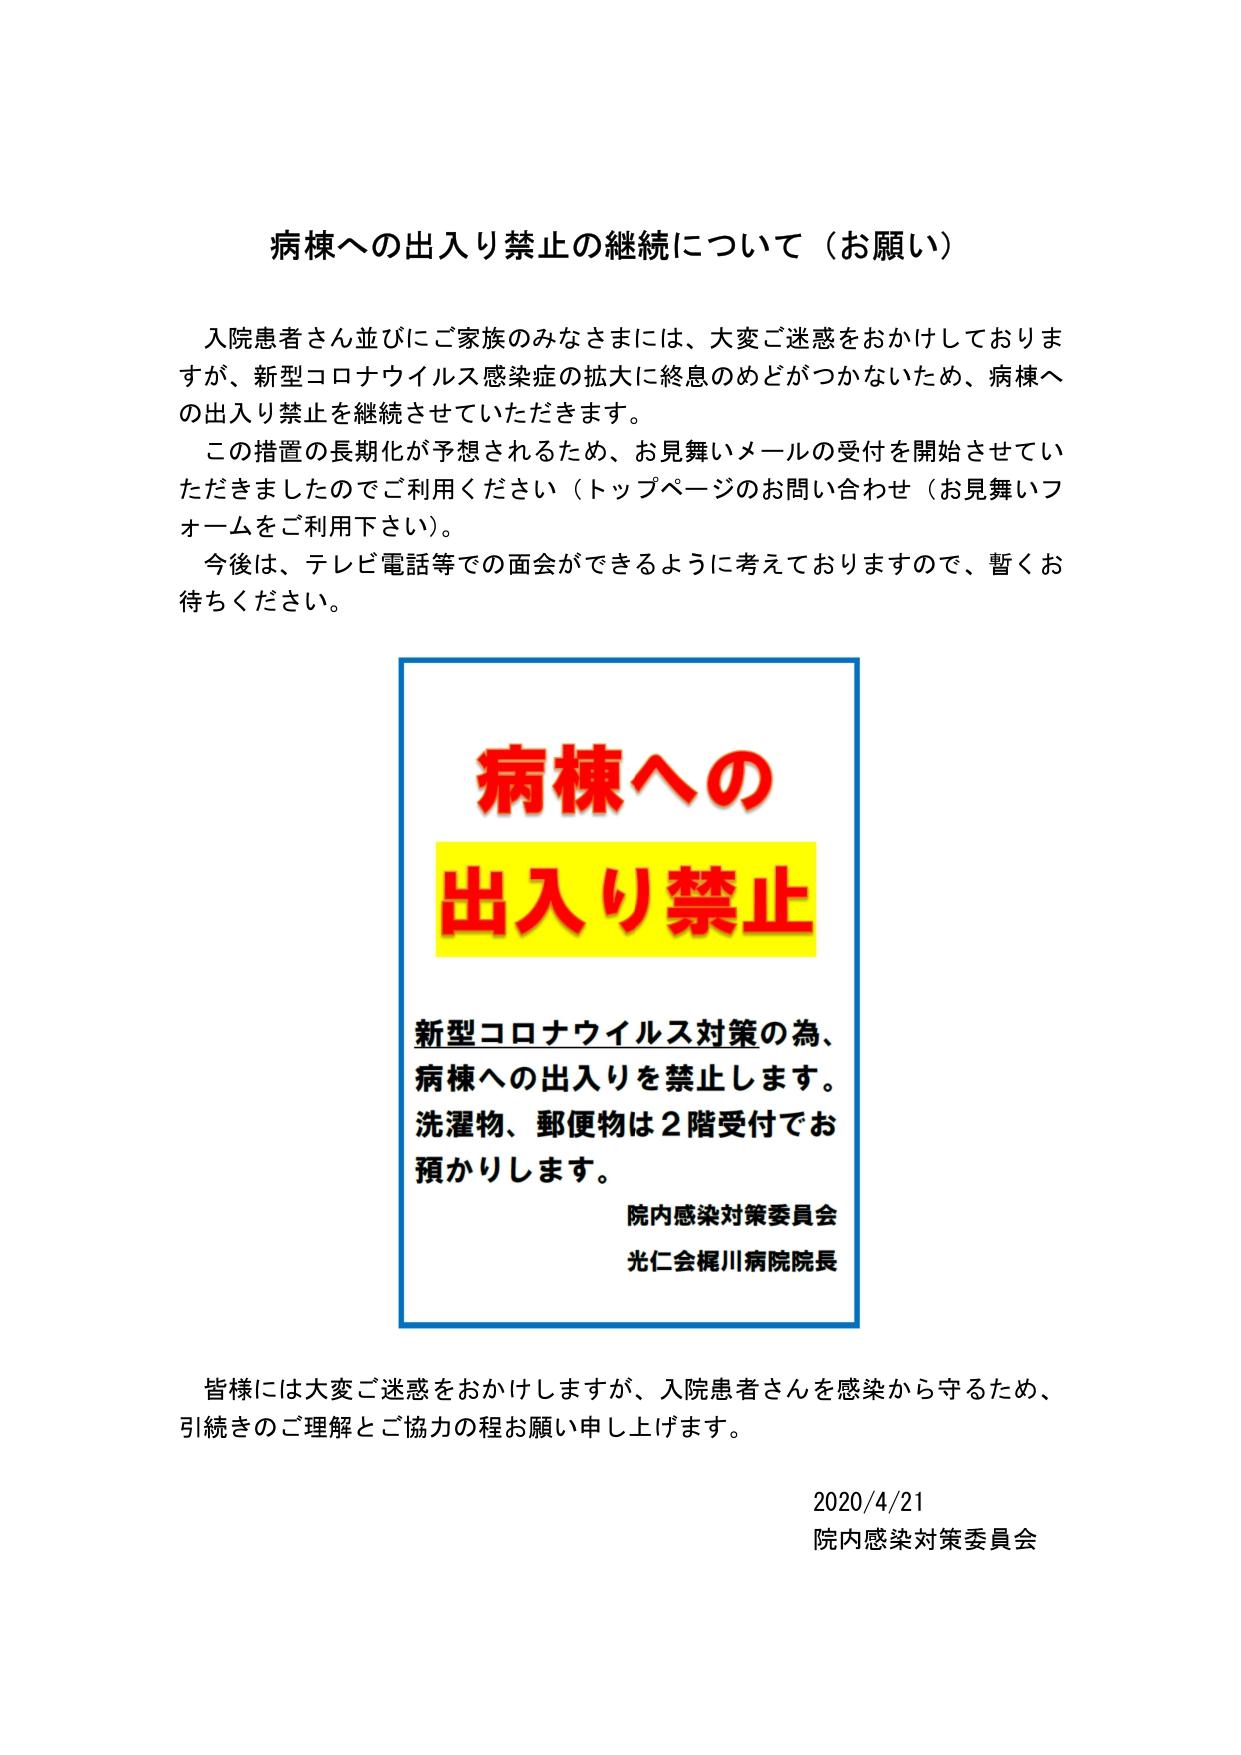 病棟への出入り禁止の継続について(お願い) | 医療法人社団光仁会 ...